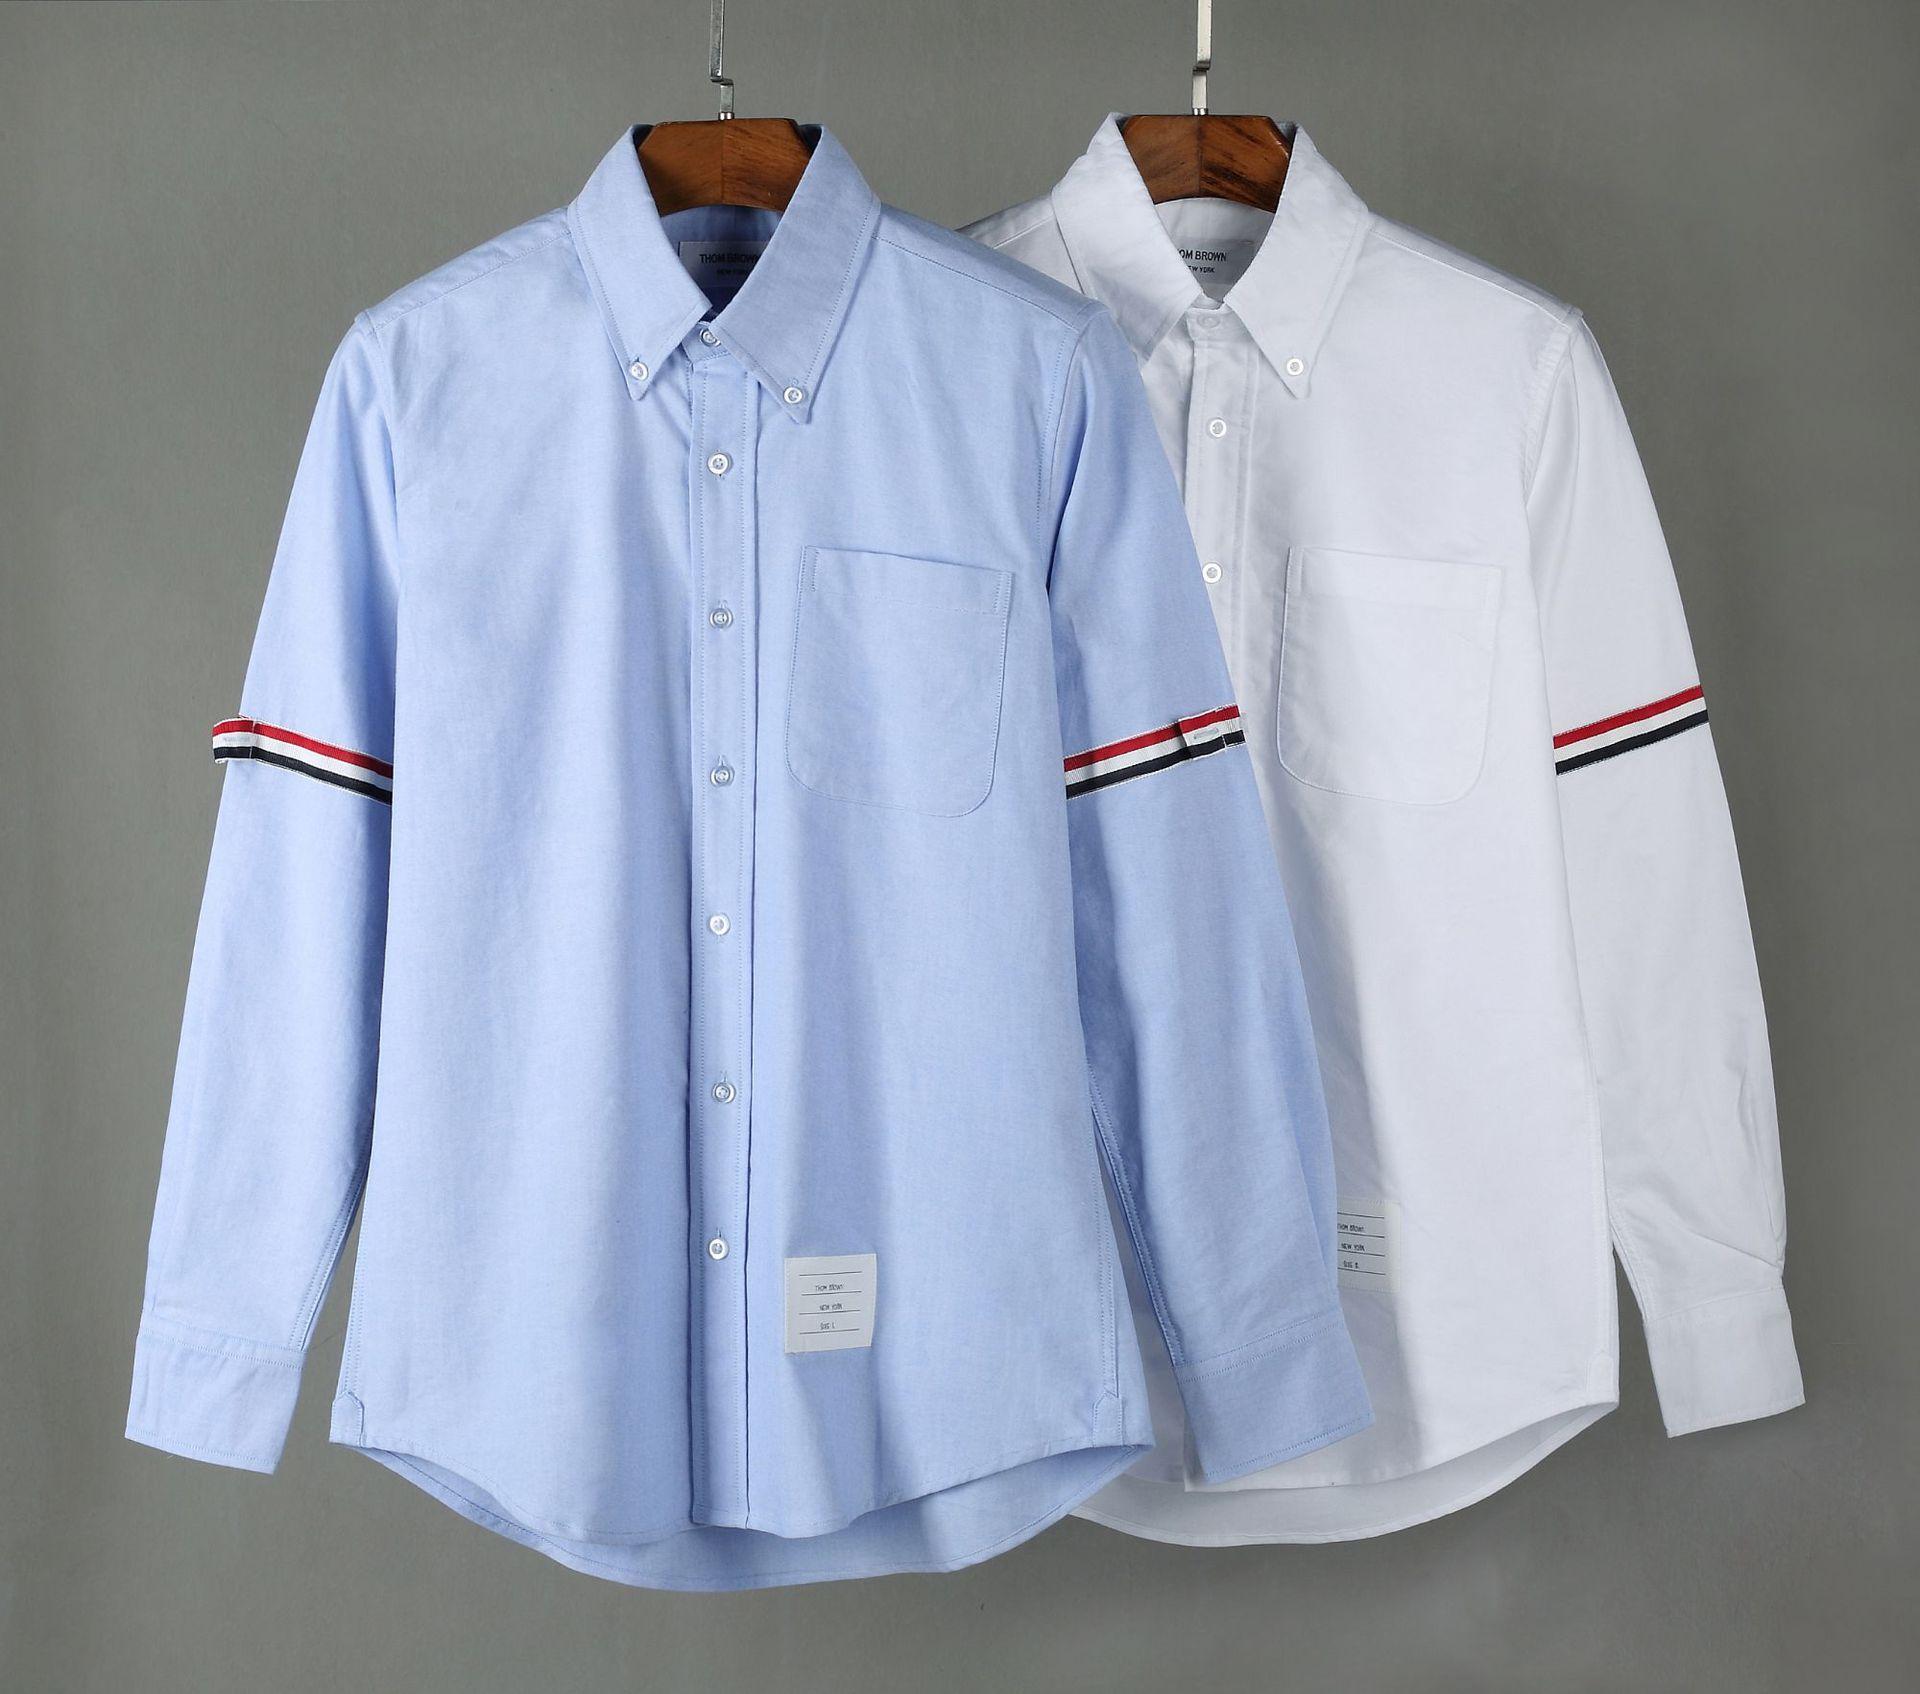 THOAABROYYNE tay dài Tb áo sơ mi thương hiệu oxford tay áo dài tay đôi webbing châu Âu và Mỹ giản dị